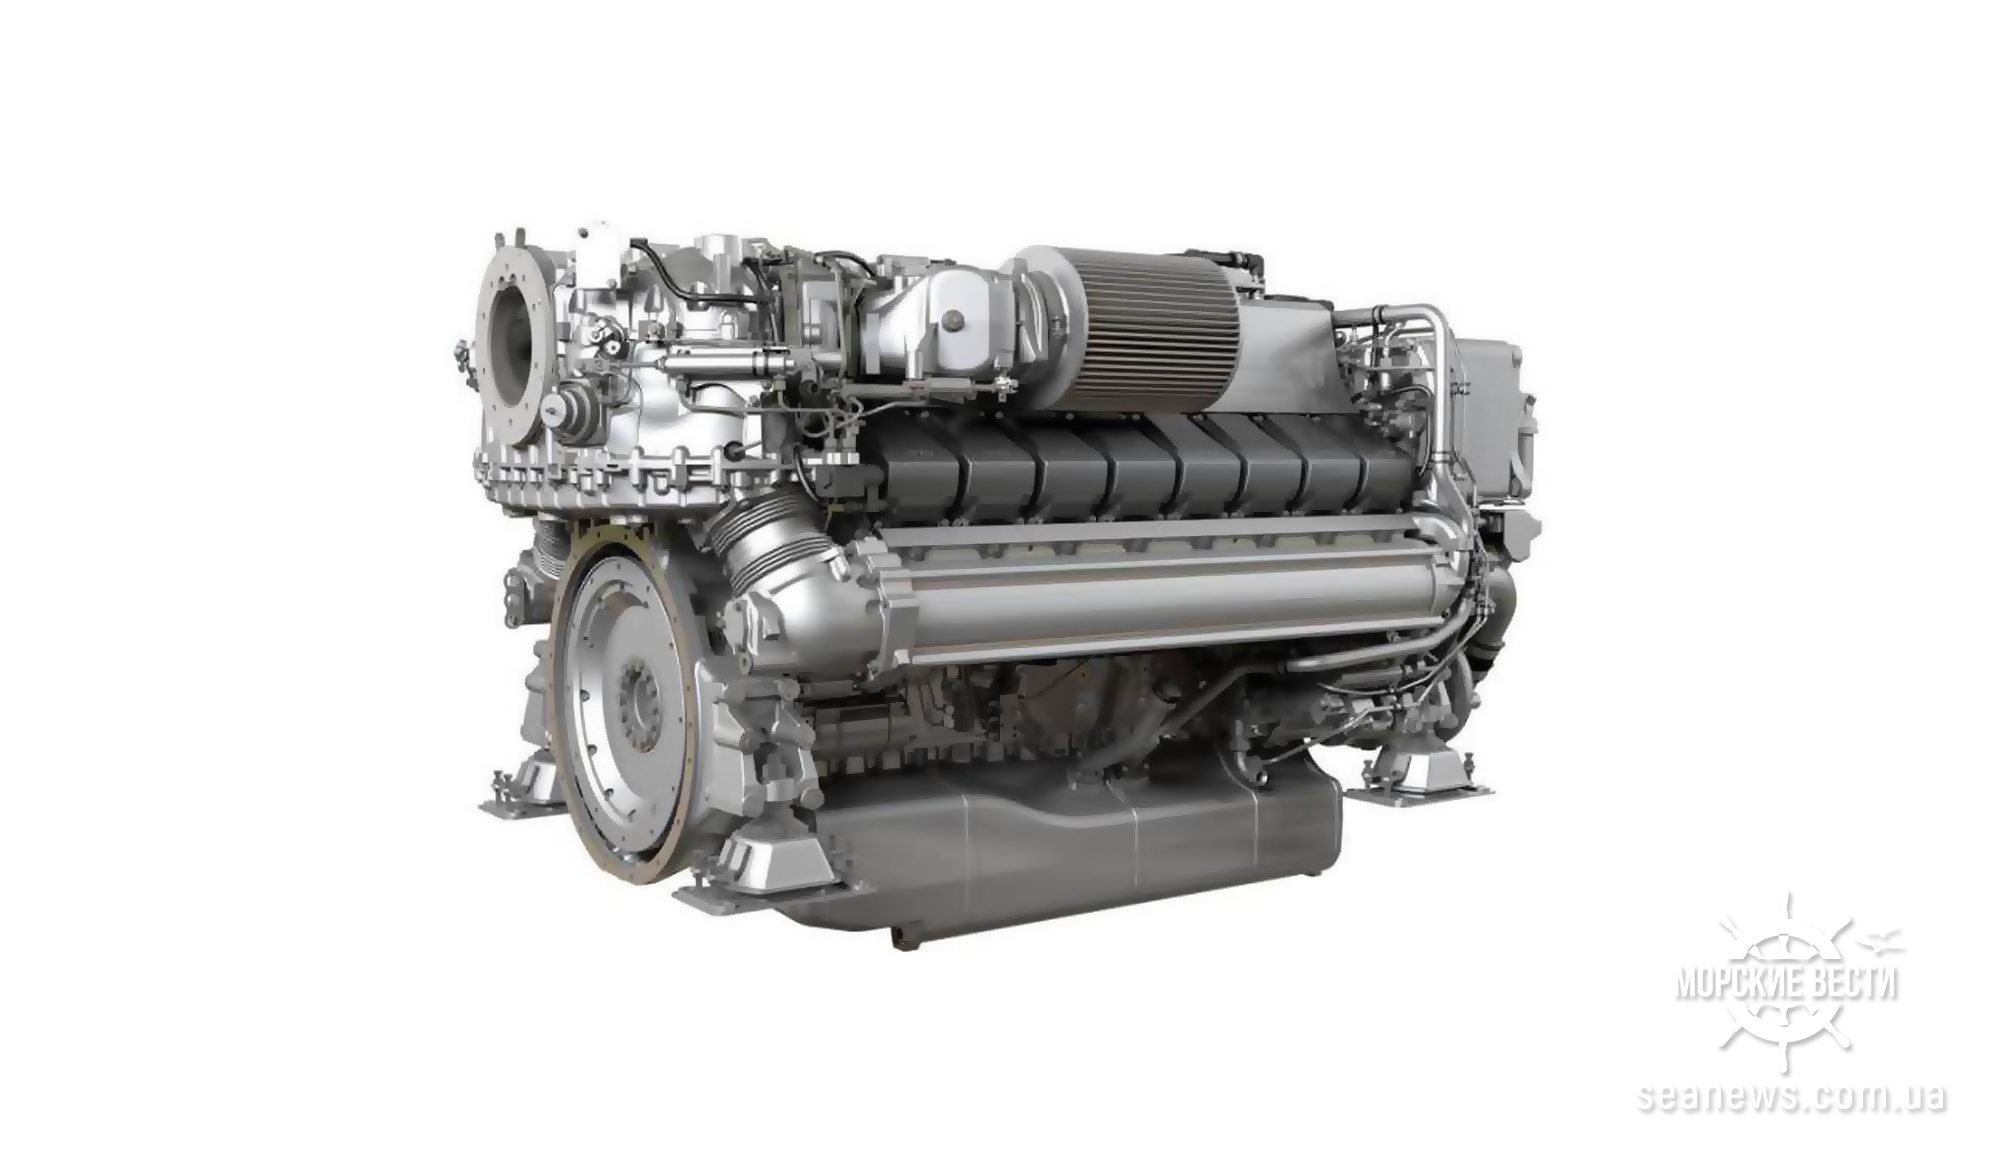 Rolls-Royce начала производить новые силовые установки для яхт